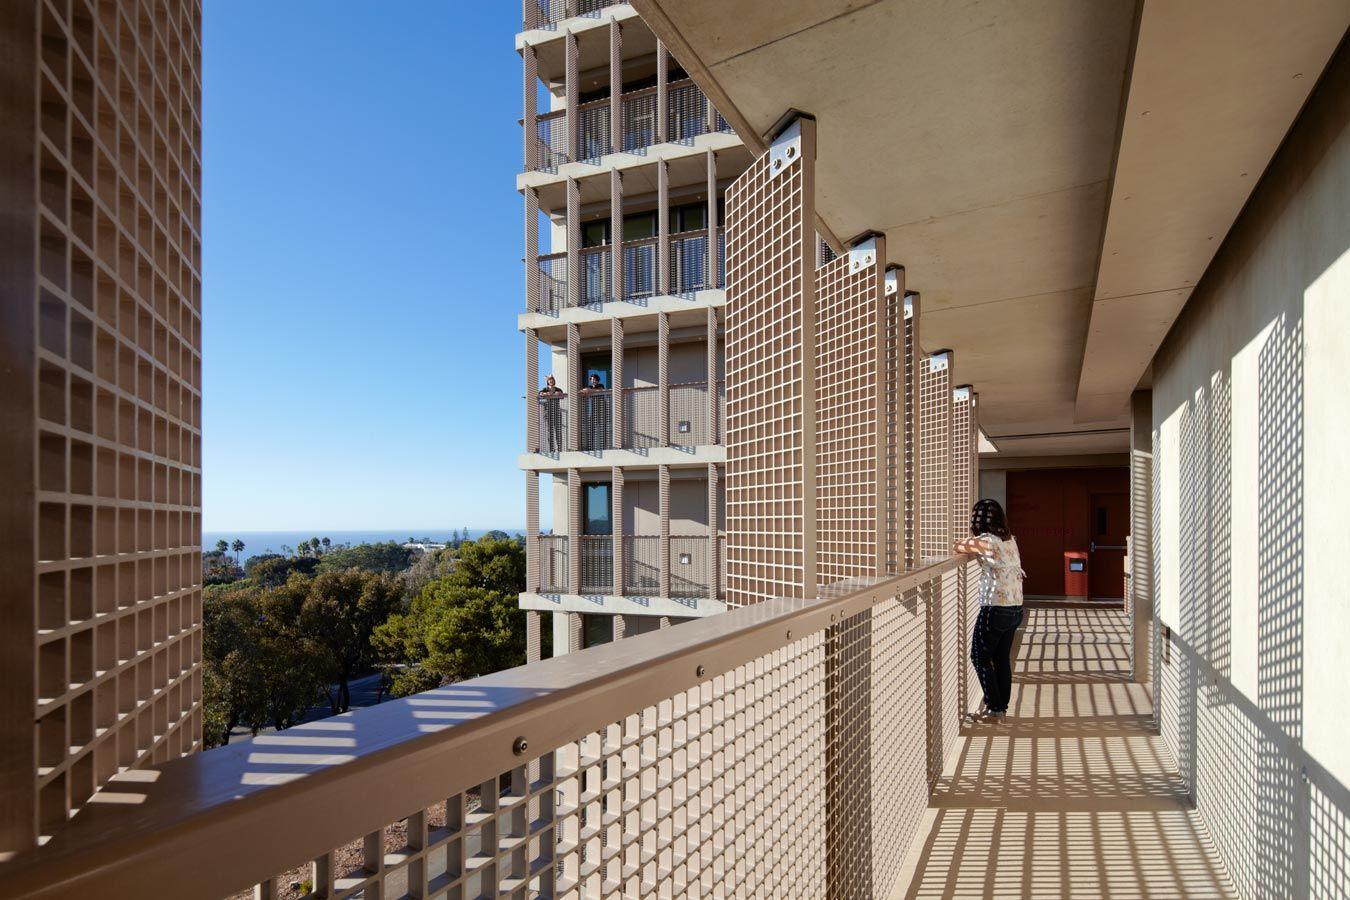 Corridor Roof Design: Exterior Corridors, Connector Bridges Between Buildings